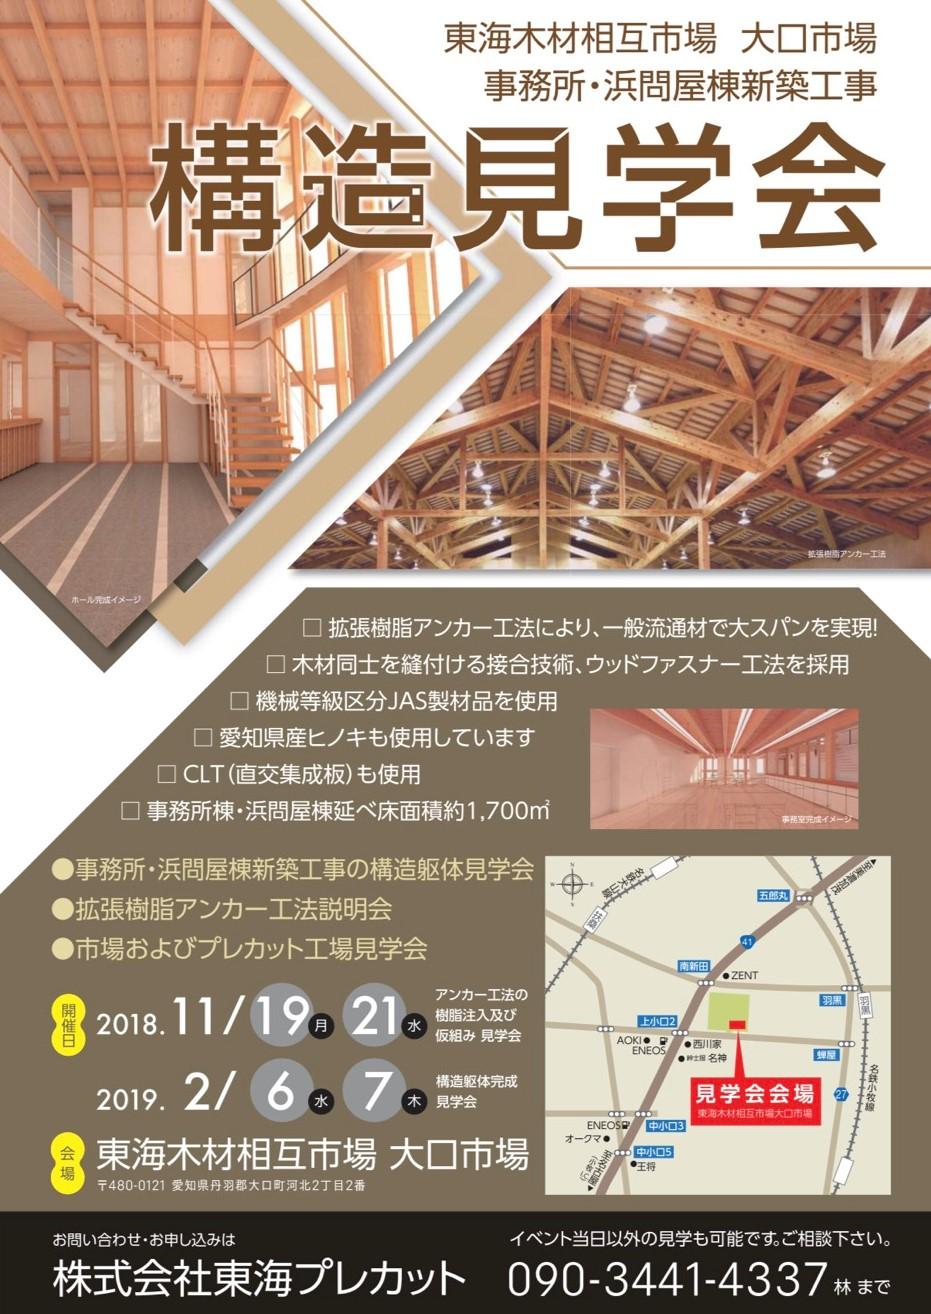 東海木材相互市場 構造見学会開催